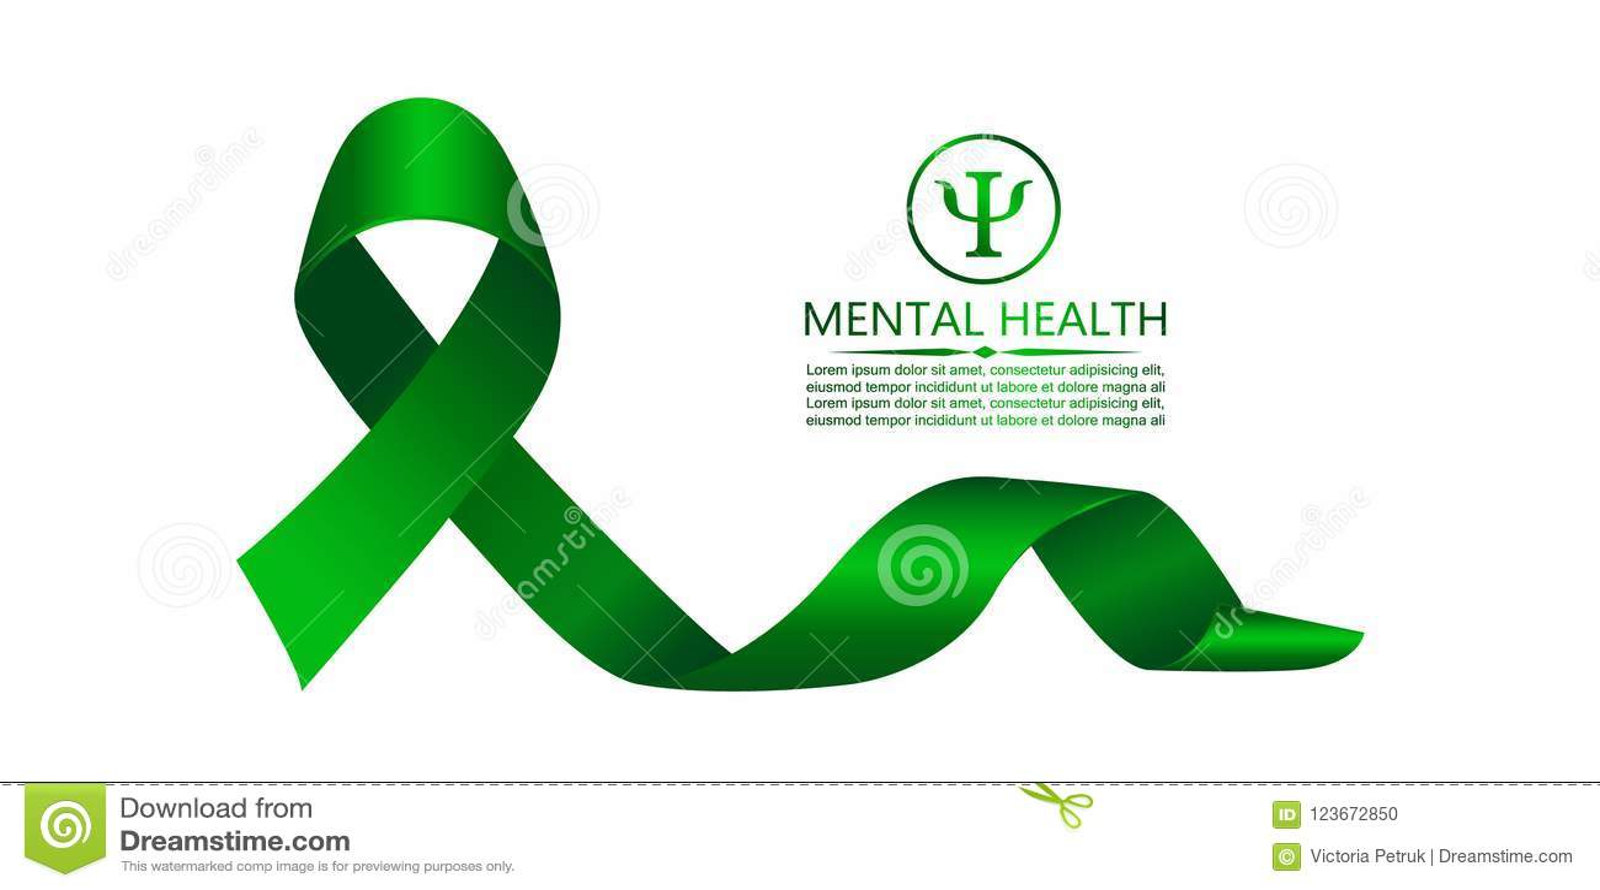 Green Ribbon As Symbol Of Mental Health Awareness Stock Vector